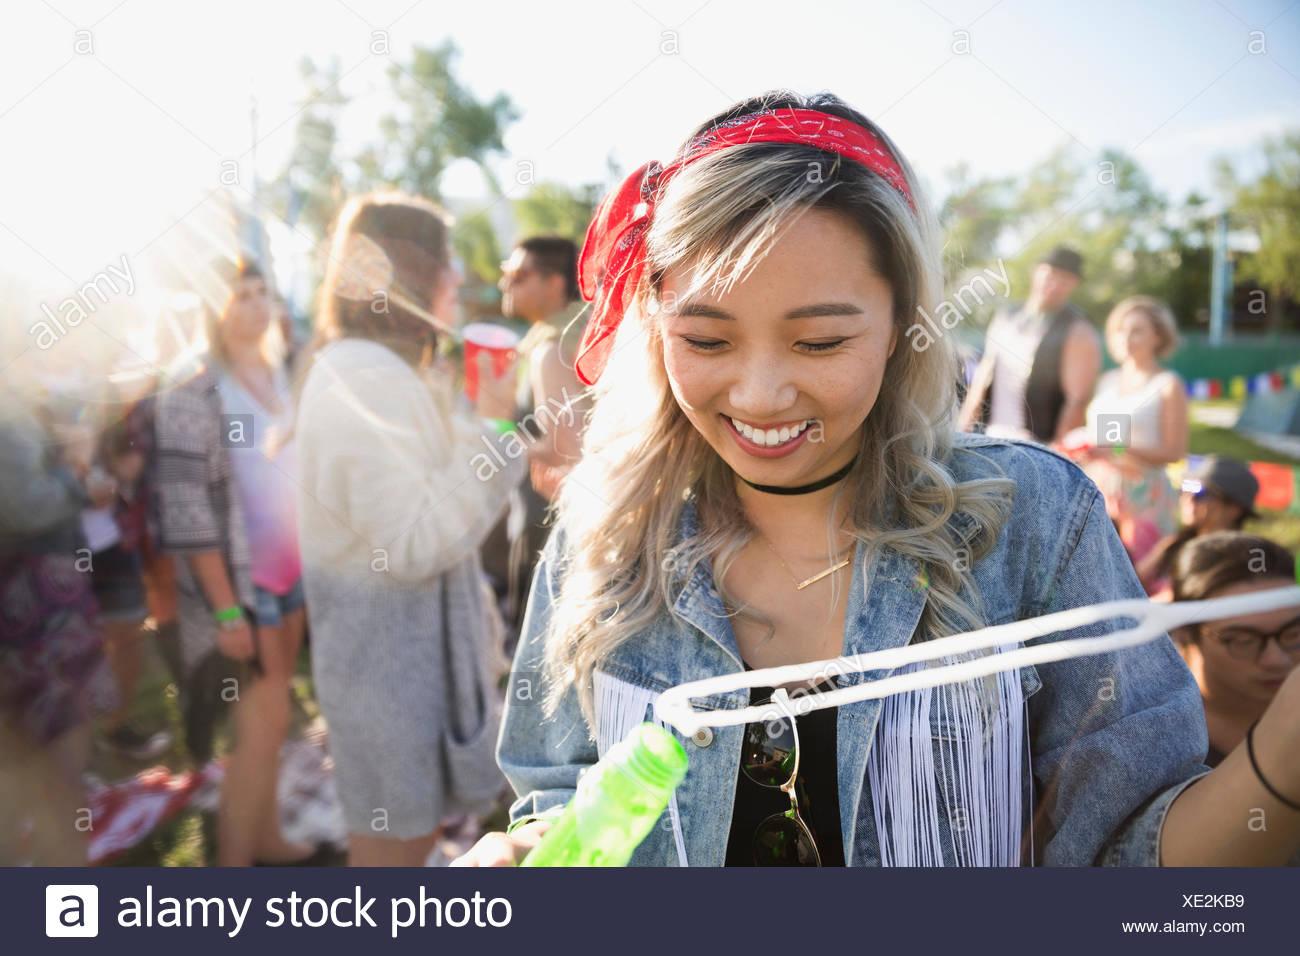 Mujer sonriente soplando burbujas en el festival de música de verano Imagen De Stock